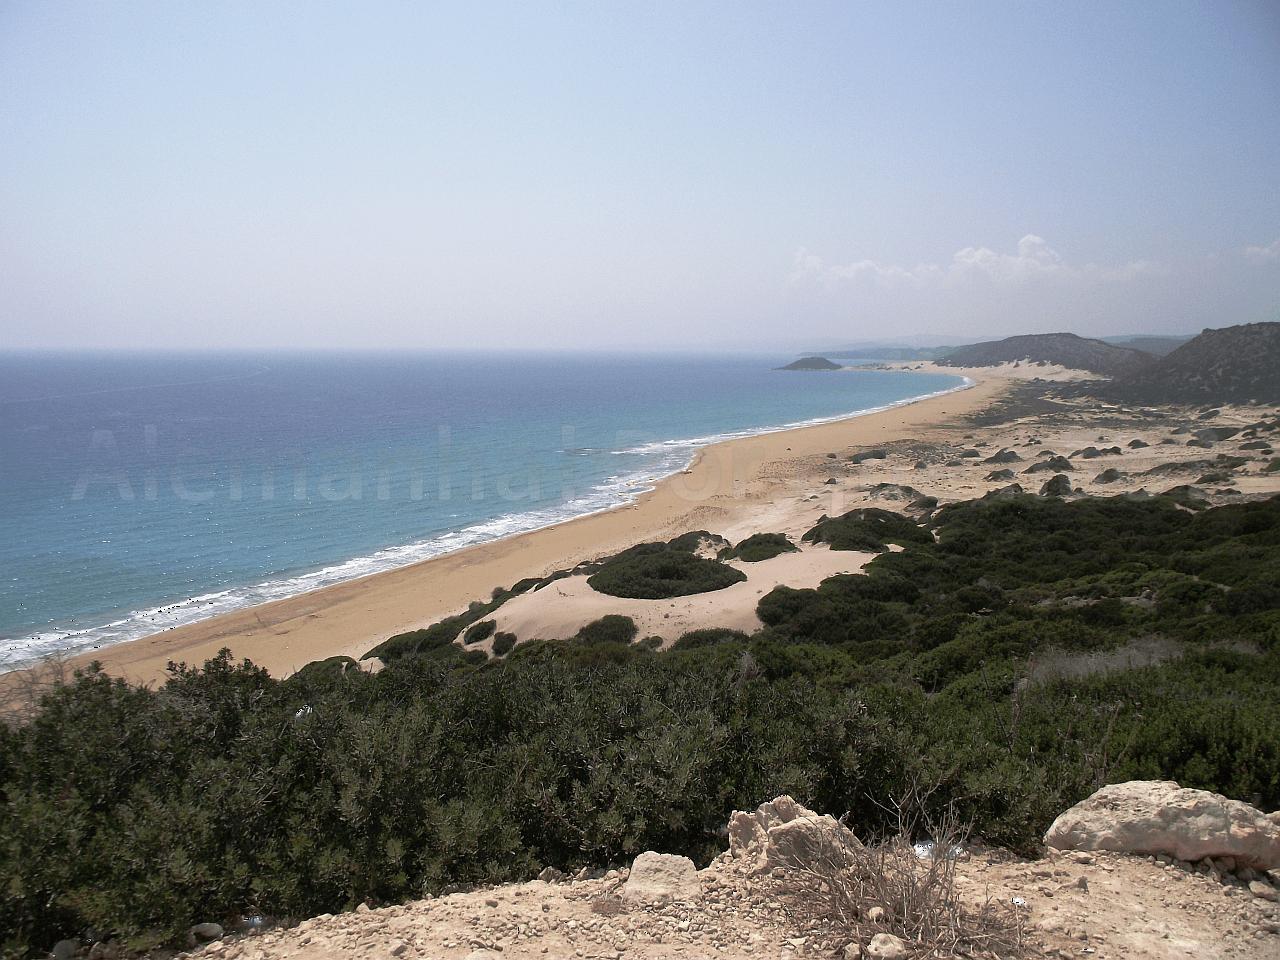 Chipre: A península de Karpaz!